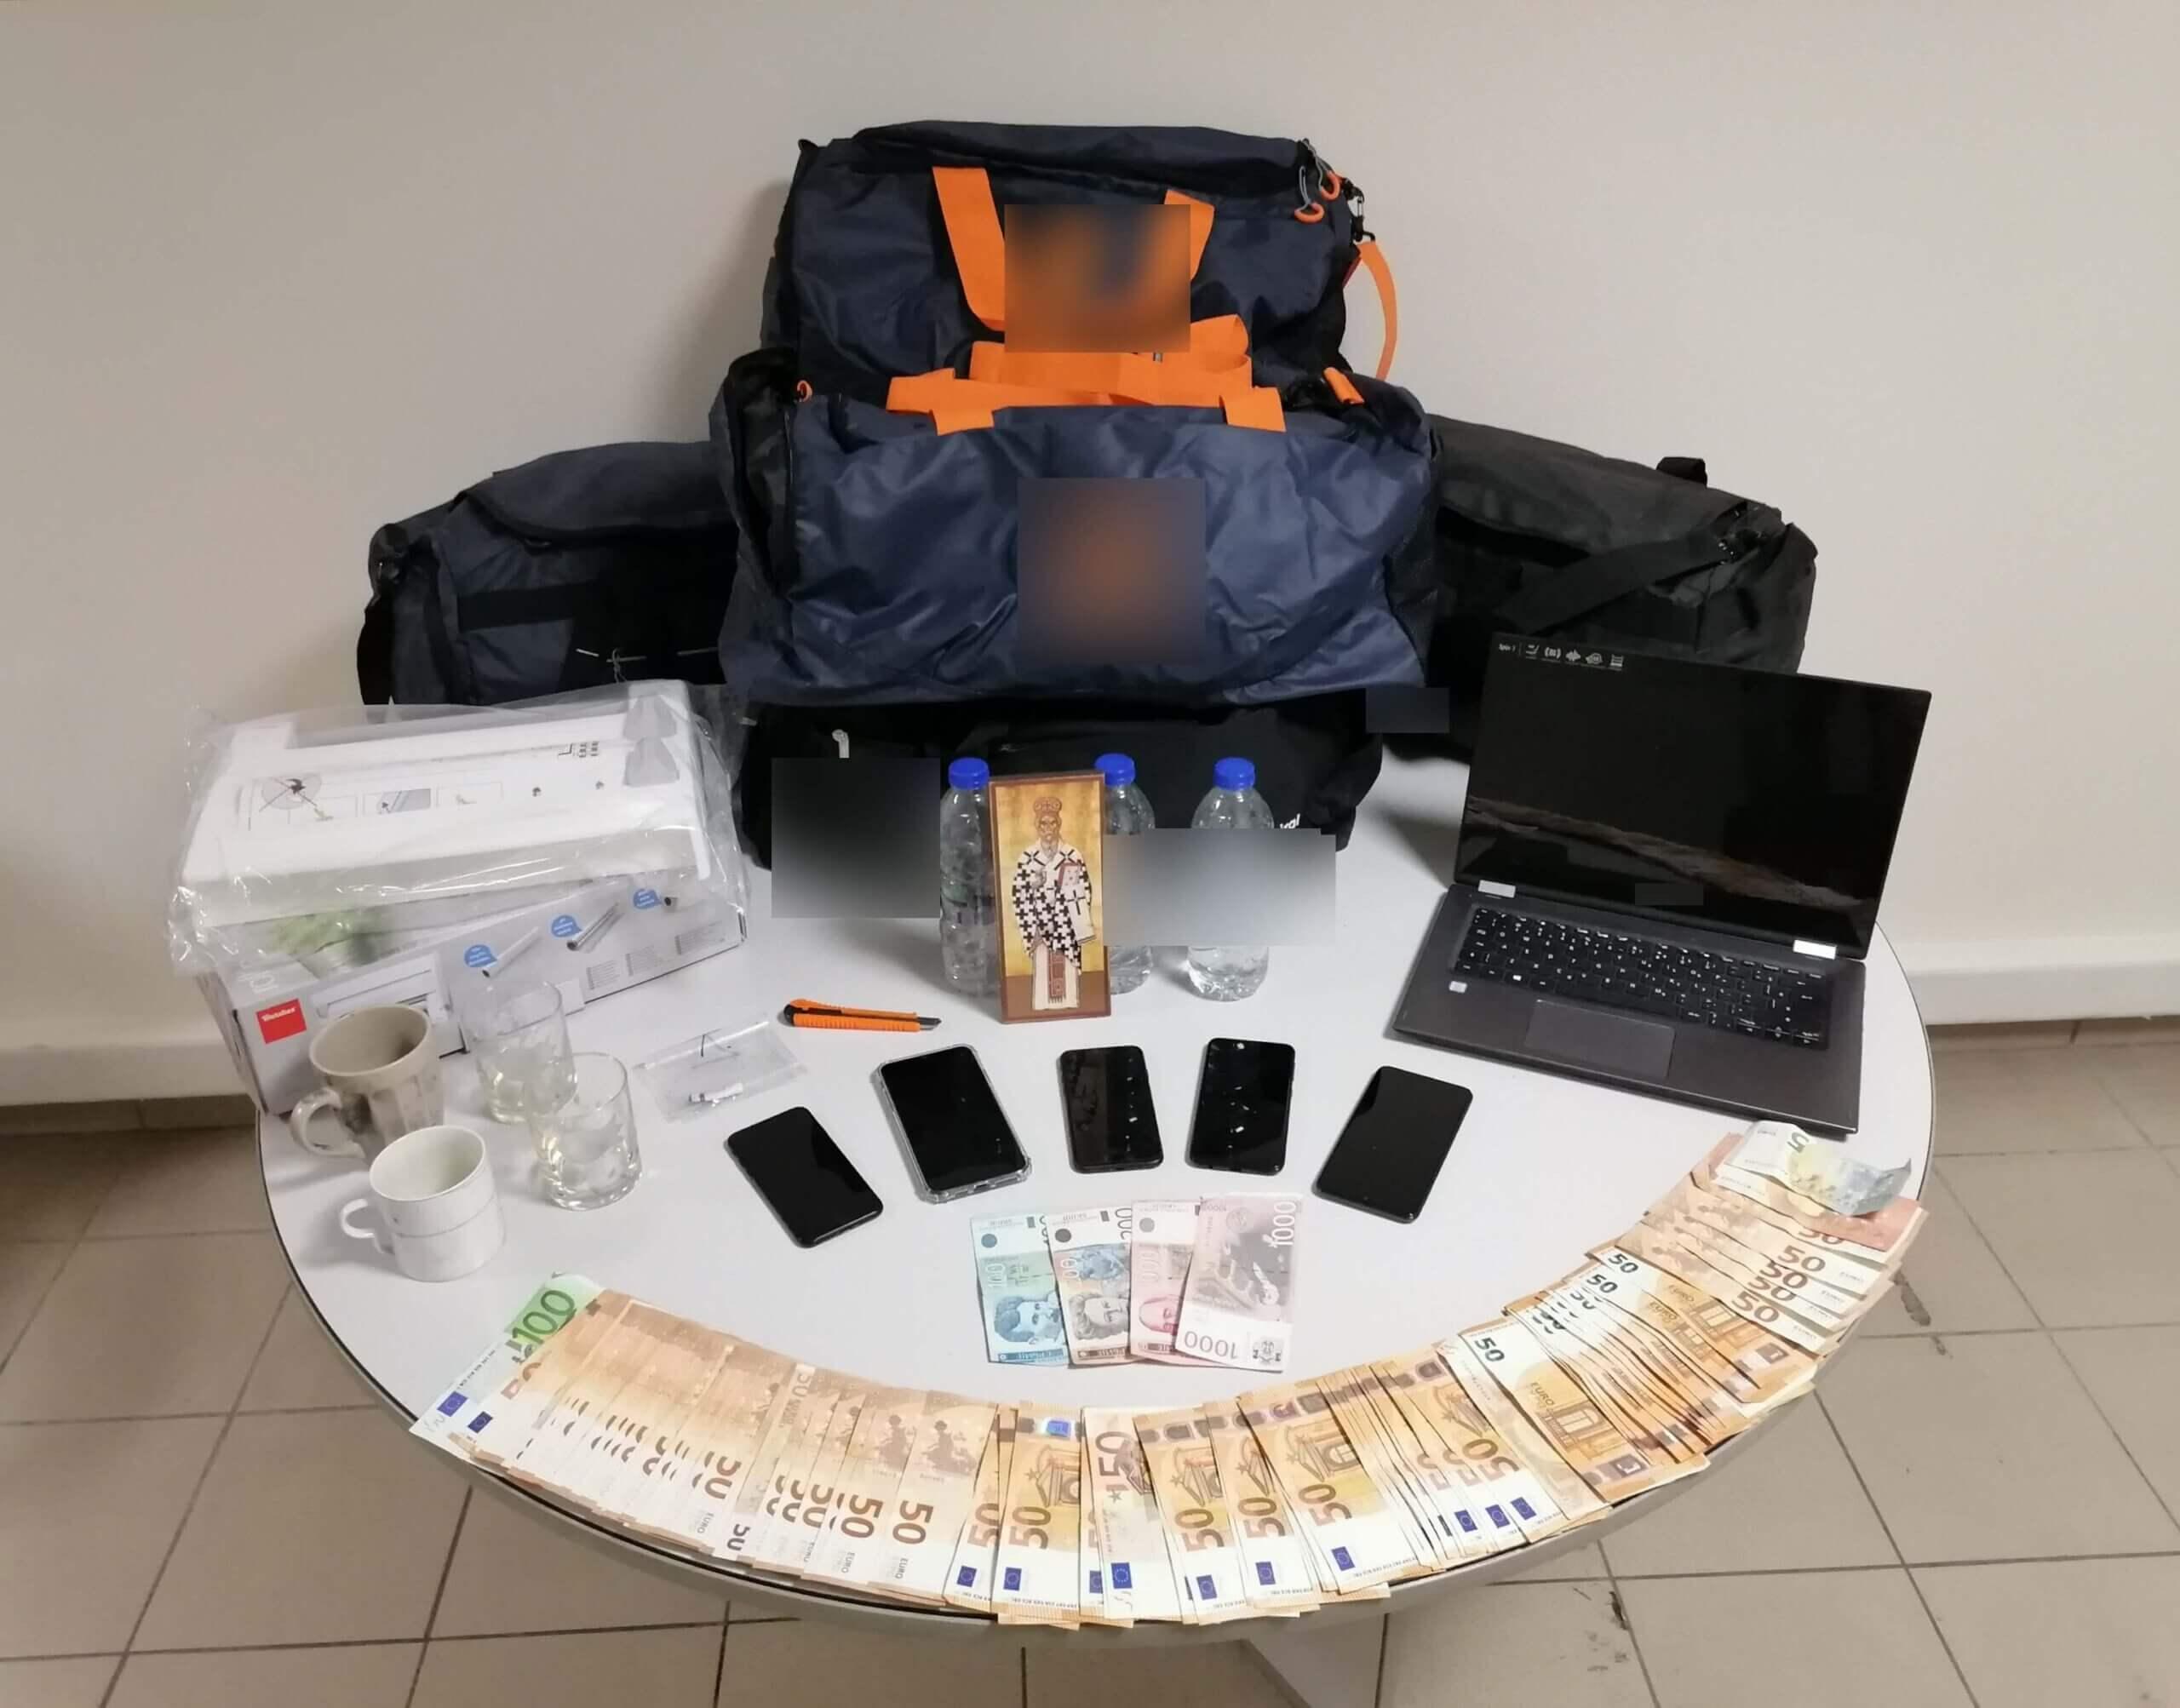 Εντοπίστηκε ποσότητα - μαμούθ κοκαΐνης - 3 συλλήψεις